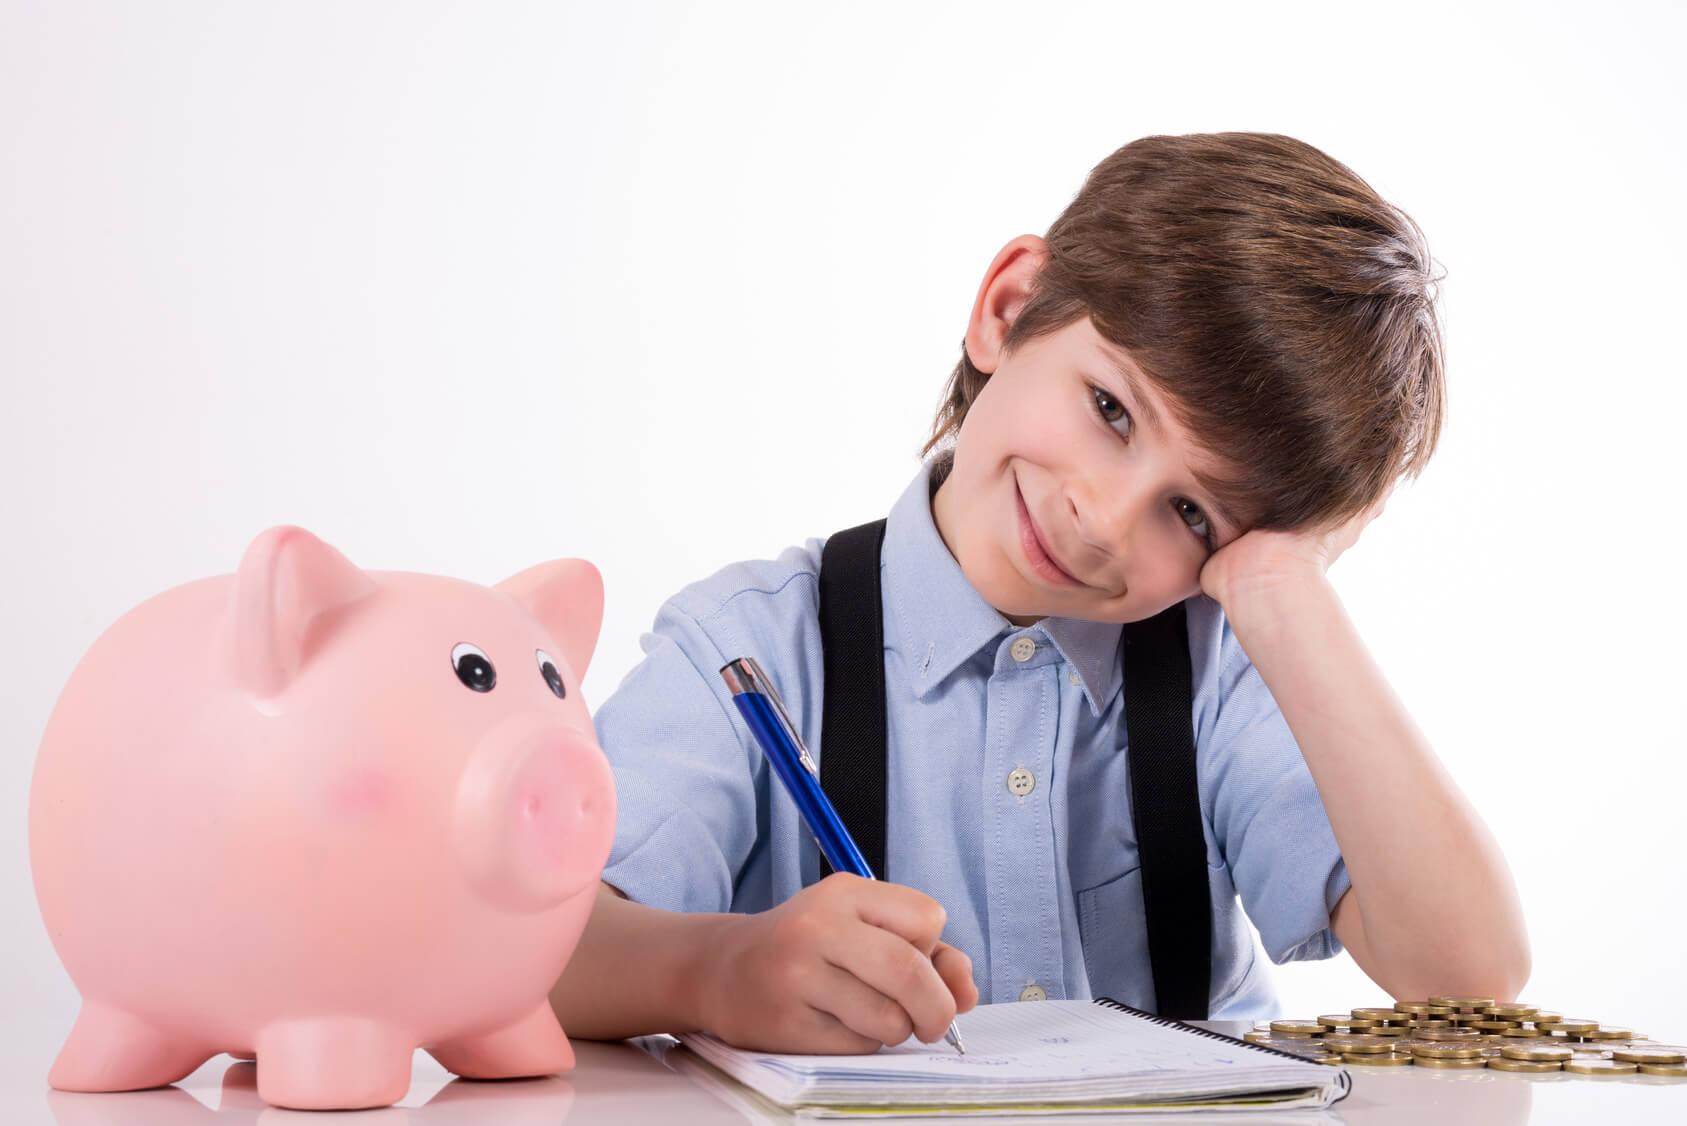 copii, bani, educatie financiara